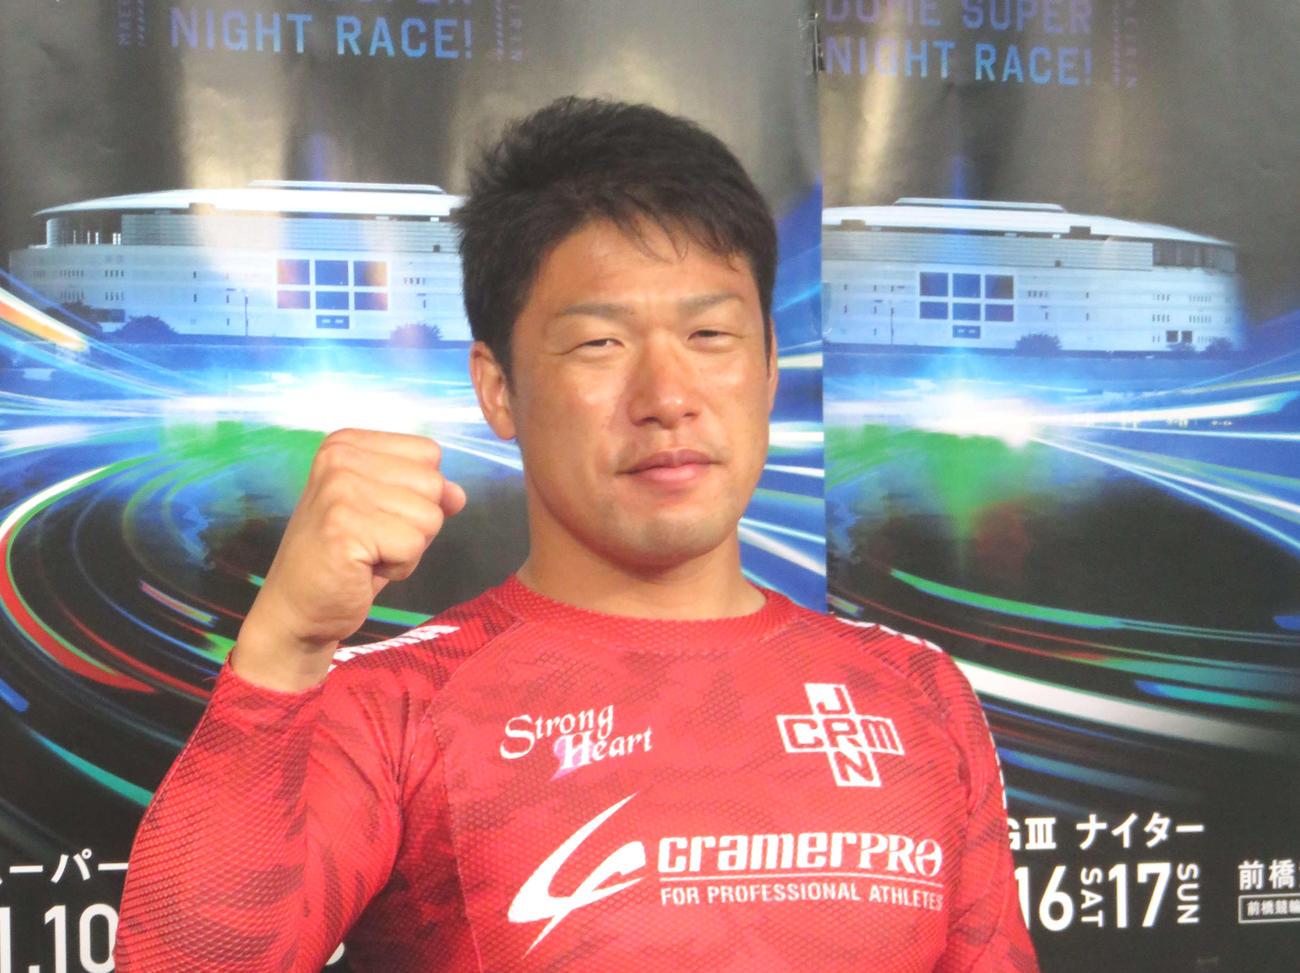 ヤマコウは、G1覇者宿口陽一が暮れのGPを見据えた戦い方ができるかに注目している